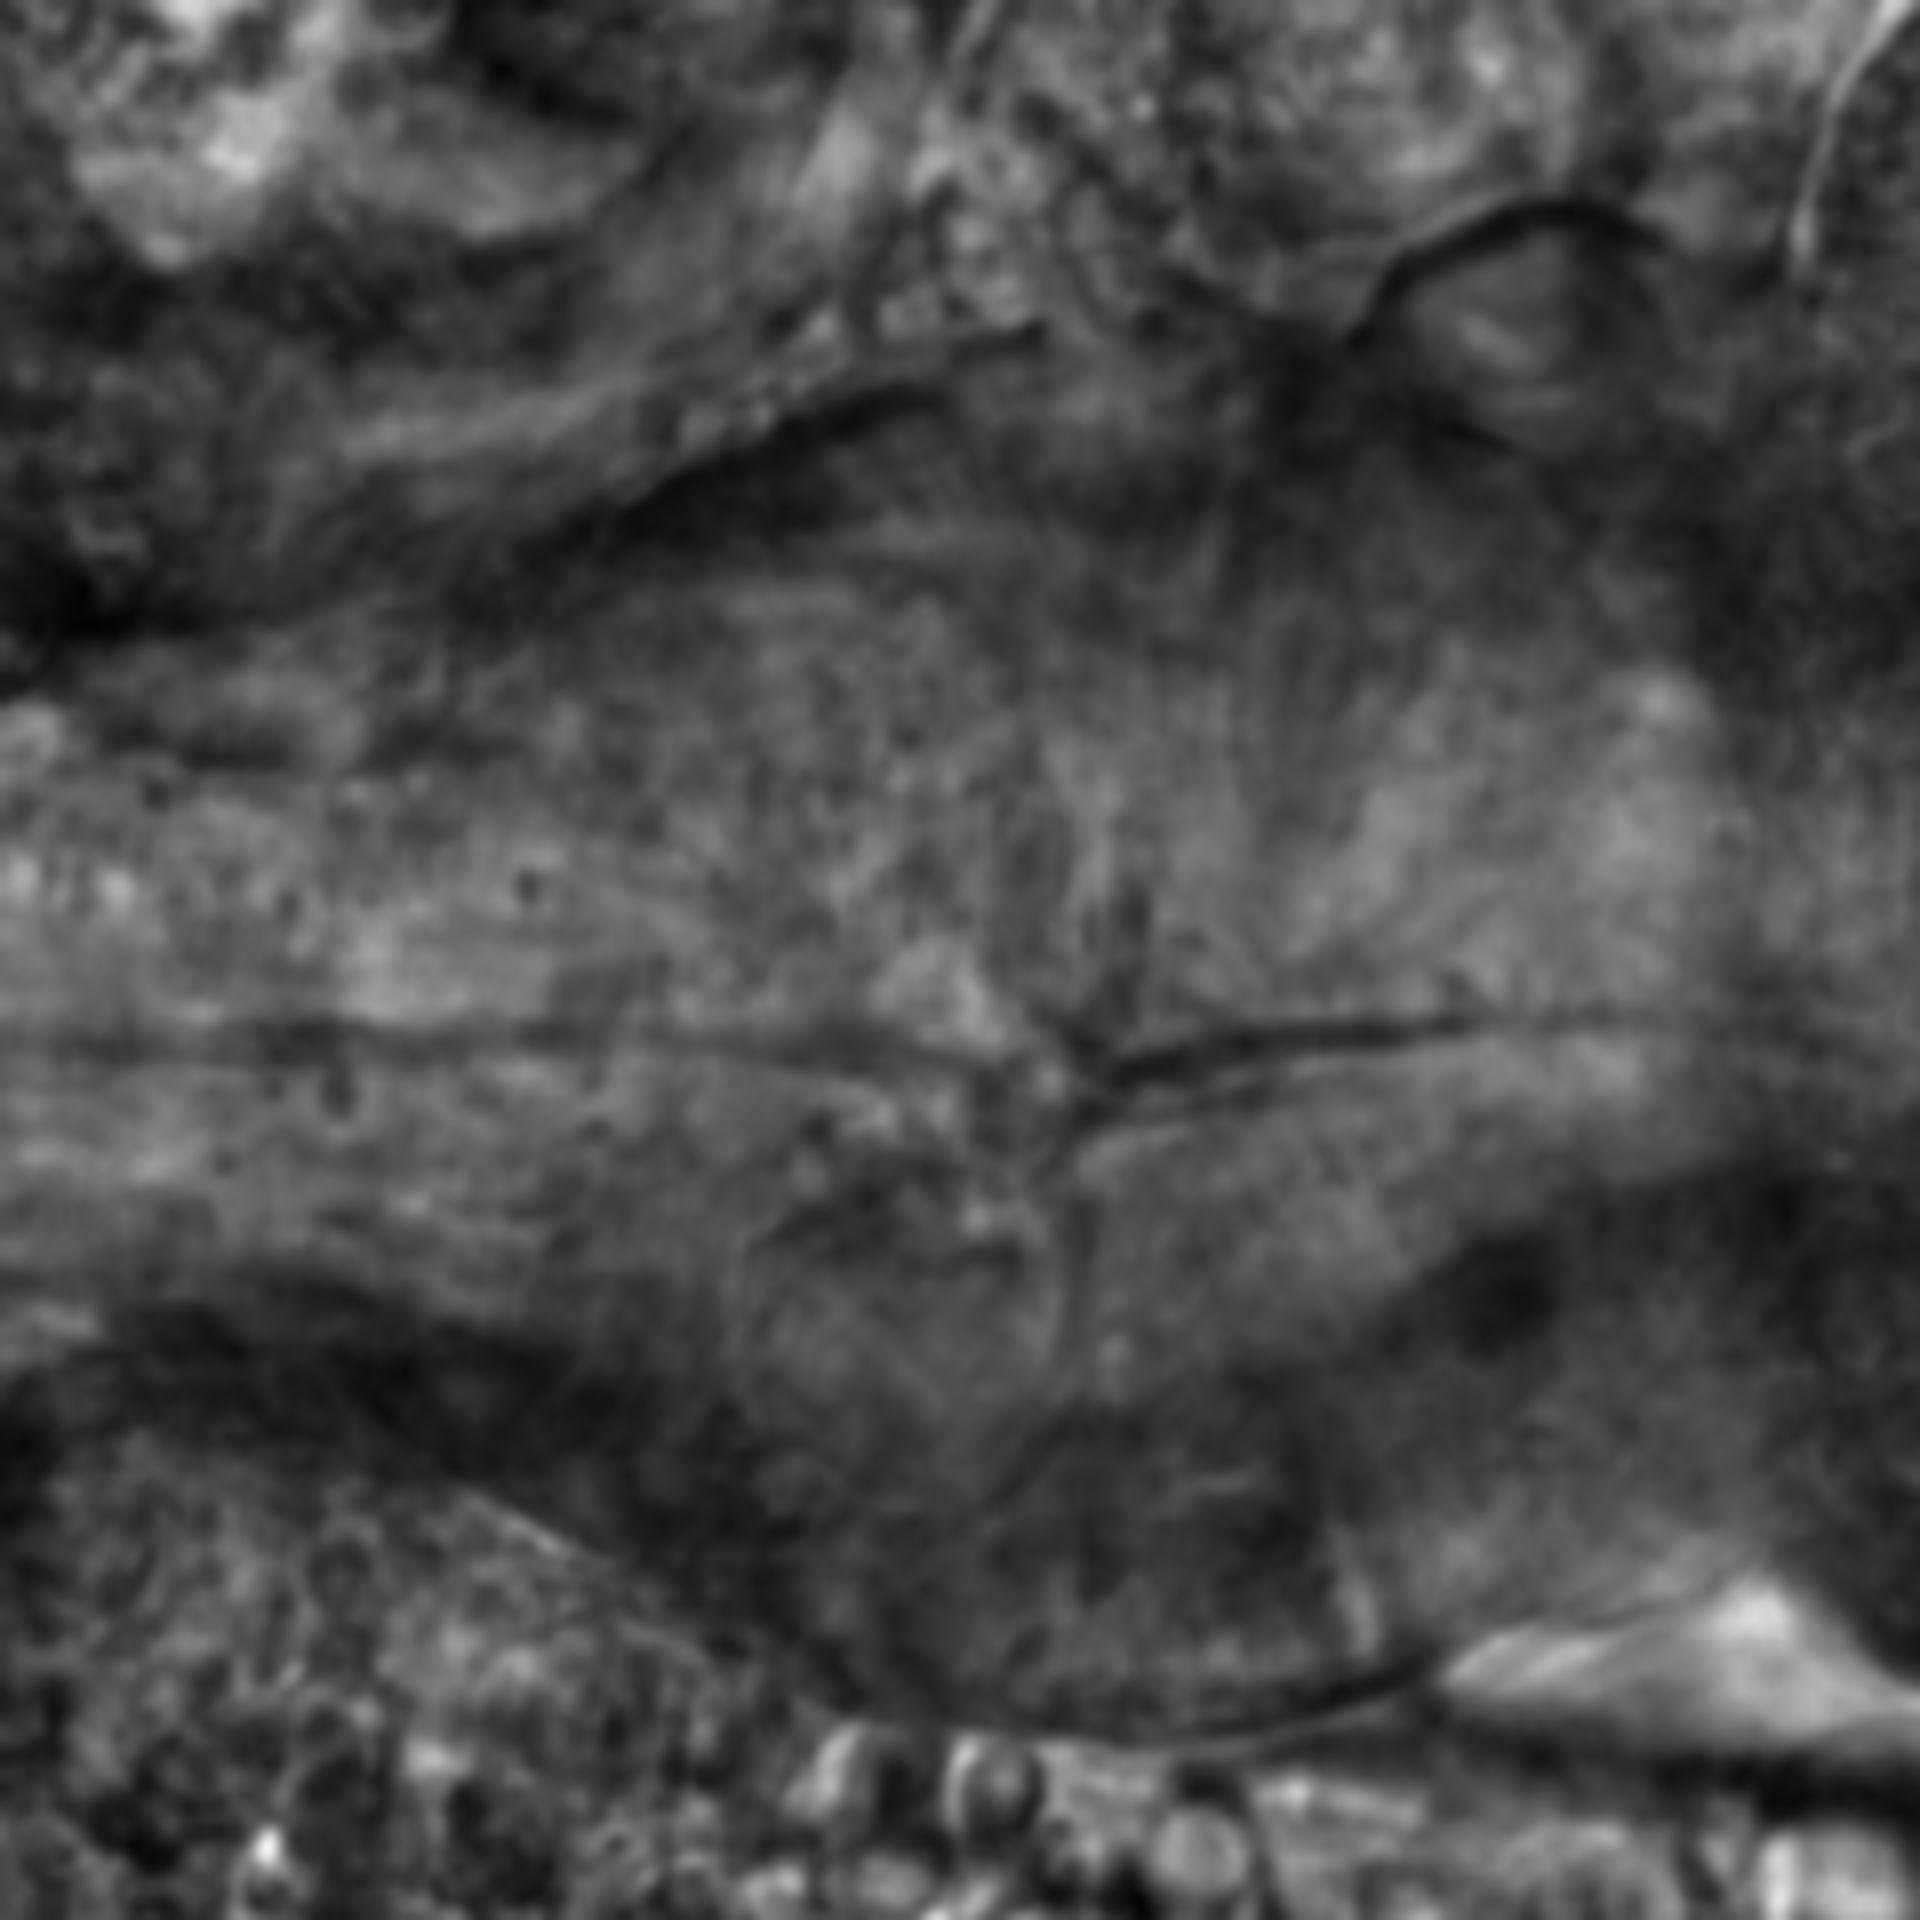 Caenorhabditis elegans - CIL:2140